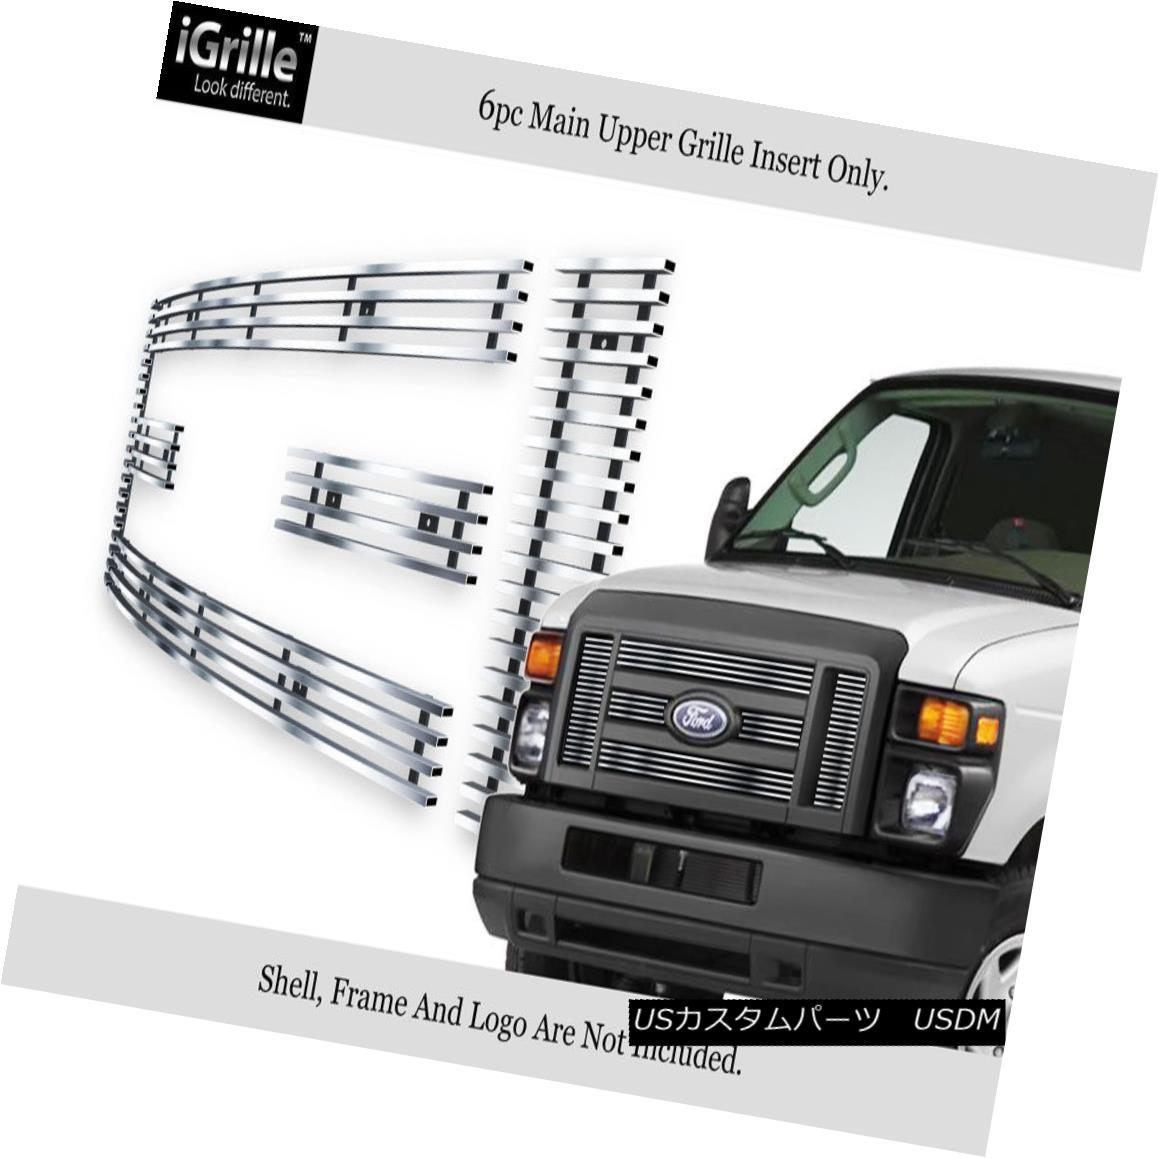 グリル Fits 2008-2013 Ford Econoline Van/E-Series Stainless Steel Billet Grille 2008-2013 Ford Econoline Van / Eシリーズステンレス鋼ビレットグリルに適合